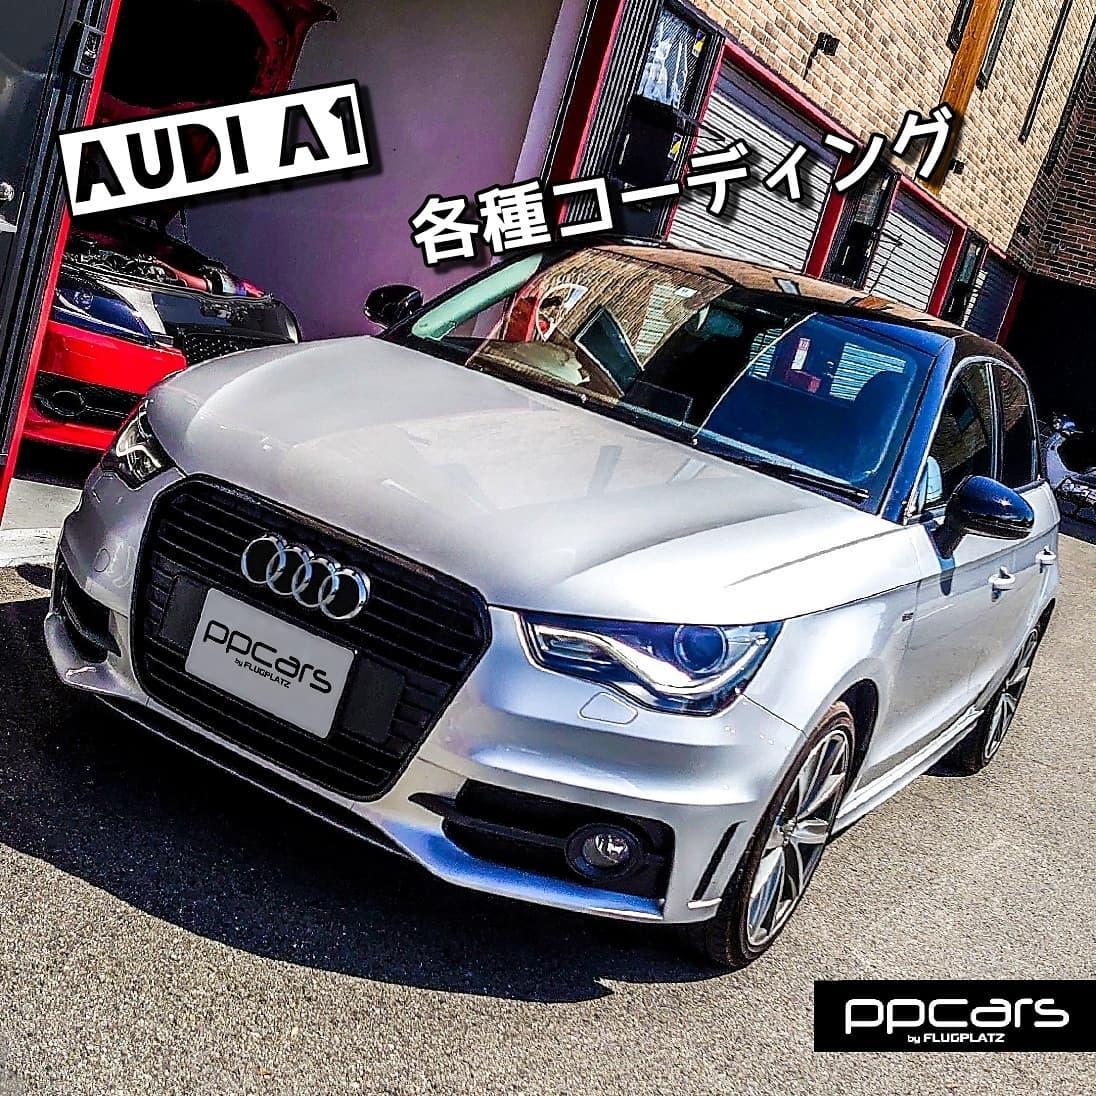 Audi A1 (8X) x 各種コーディング